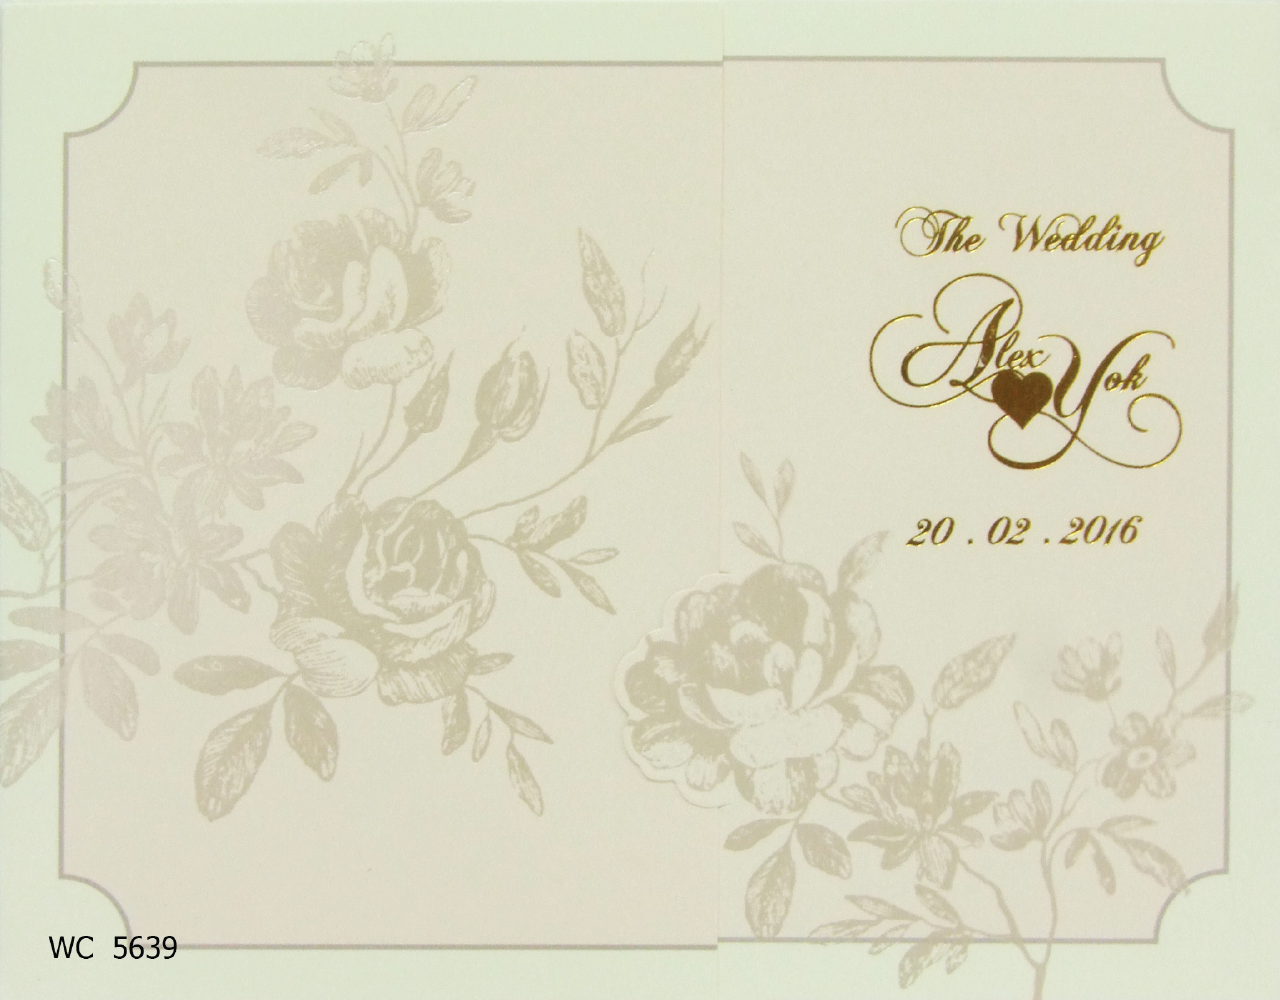 การ์ดแต่งงาน 13 x 16.5 WC 5639 Cream ฿ 8.20